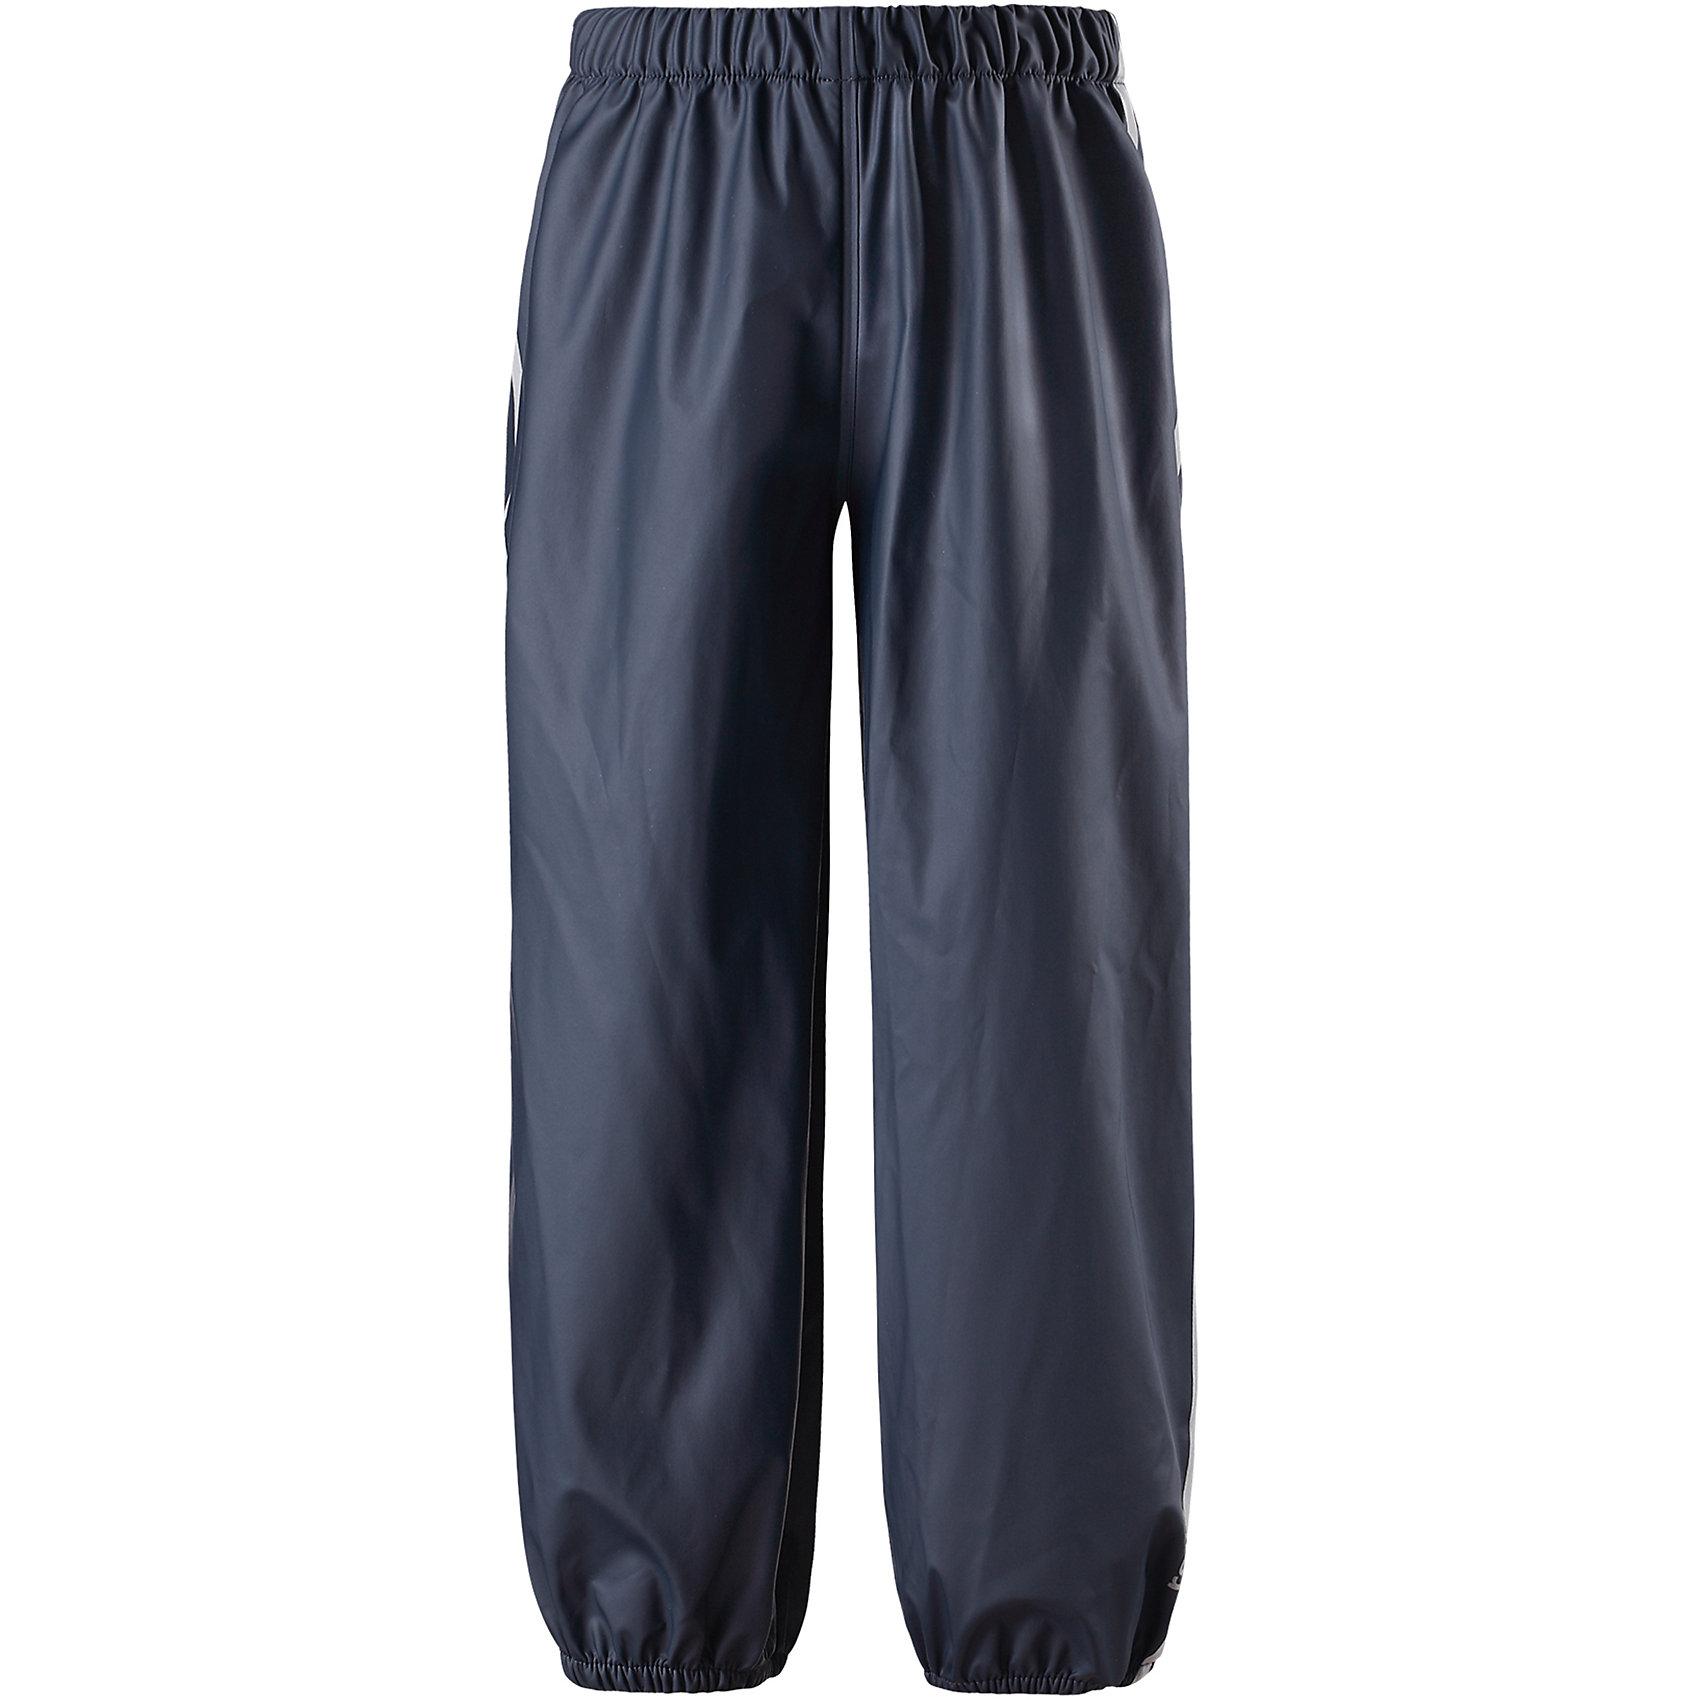 Непромокаемые брюки Oja ReimaОдежда<br>Характеристики товара:<br><br>• цвет: темно-синий<br>• состав: 100% полиэстер, полиуретановое покрытие<br>• температурный режим: от +10°до +20°С<br>• водонепроницаемость: 10000 мм<br>• без утеплителя<br>• эластичный материал<br>• водонепроницаемый материал с запаянными швами<br>• не содержит ПВХ<br>• эластичная талия<br>• эластичные манжеты на брючинах<br>• комфортная посадка<br>• съемные штрипки в размерах от 104 до 128 см<br>• светоотражающие детали<br>• страна производства: Китай<br>• страна бренда: Финляндия<br>• коллекция: весна-лето 2017<br><br>Демисезонные брюки помогут обеспечить ребенку комфорт и тепло. Они отлично смотрятся с различным верхом. Изделие удобно сидит и модно выглядит. Материал отлично подходит для дождливой погоды. Стильный дизайн разрабатывался специально для детей.<br><br>Обувь и одежда от финского бренда Reima пользуются популярностью во многих странах. Они стильные, качественные и удобные. Для производства продукции используются только безопасные, проверенные материалы и фурнитура. Порадуйте ребенка модными и красивыми вещами от Lassie®! <br><br>Брюки от финского бренда Reima (Рейма) можно купить в нашем интернет-магазине.<br><br>Ширина мм: 719<br>Глубина мм: 428<br>Высота мм: 50<br>Вес г: 235<br>Цвет: темно-синий<br>Возраст от месяцев: 60<br>Возраст до месяцев: 72<br>Пол: Унисекс<br>Возраст: Детский<br>Размер: 116,122,128,134,140,104,110<br>SKU: 5268234